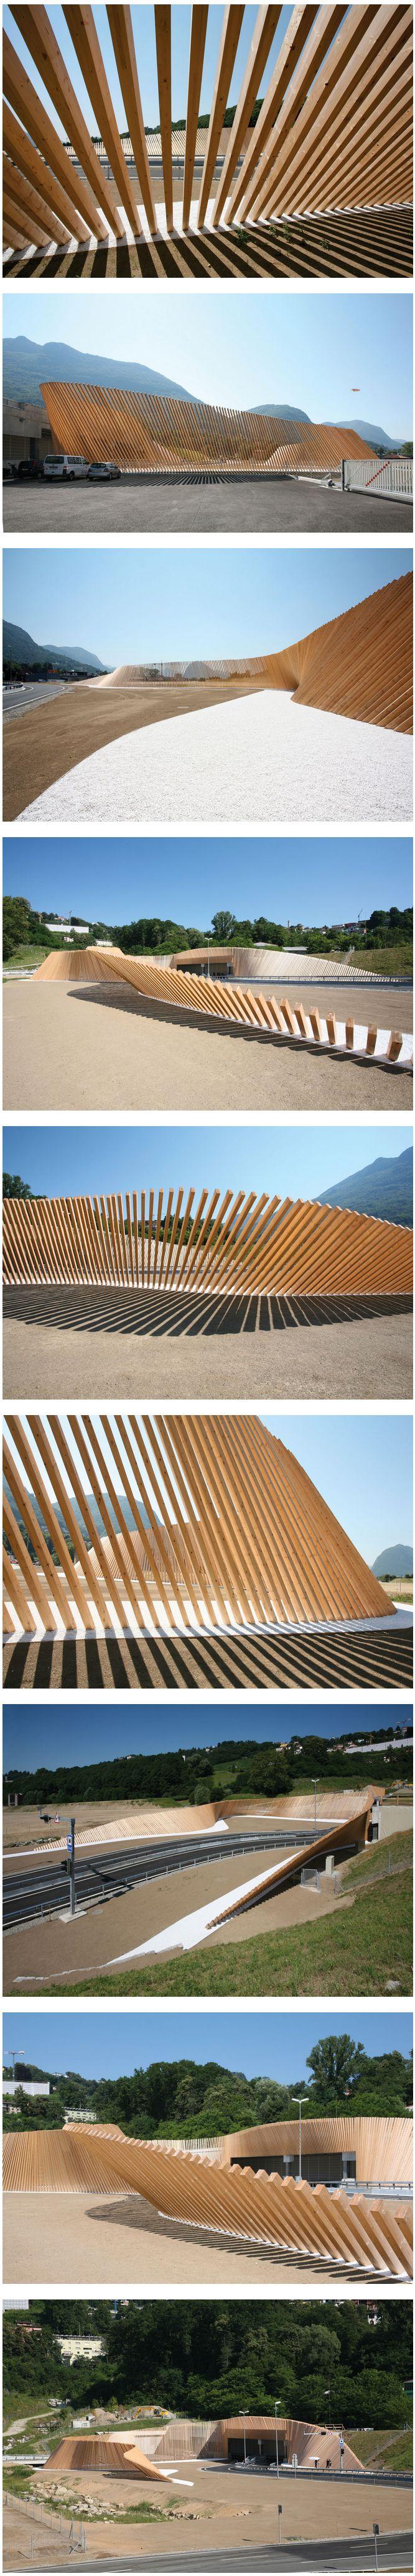 Sur le même principe, c'est la clôture que l'équipe de concepteur paysagiste (Guillaume Alibert, Aurore Maupas, Jeanne de Reviers) a préconisé pour la piscine de Tain (http://www.octant-architecture.fr/#/fr/projets/bien-etre-remise-en-forme/construction-du-centre-aquatique-decouvrable-de-tain-lhermitage)